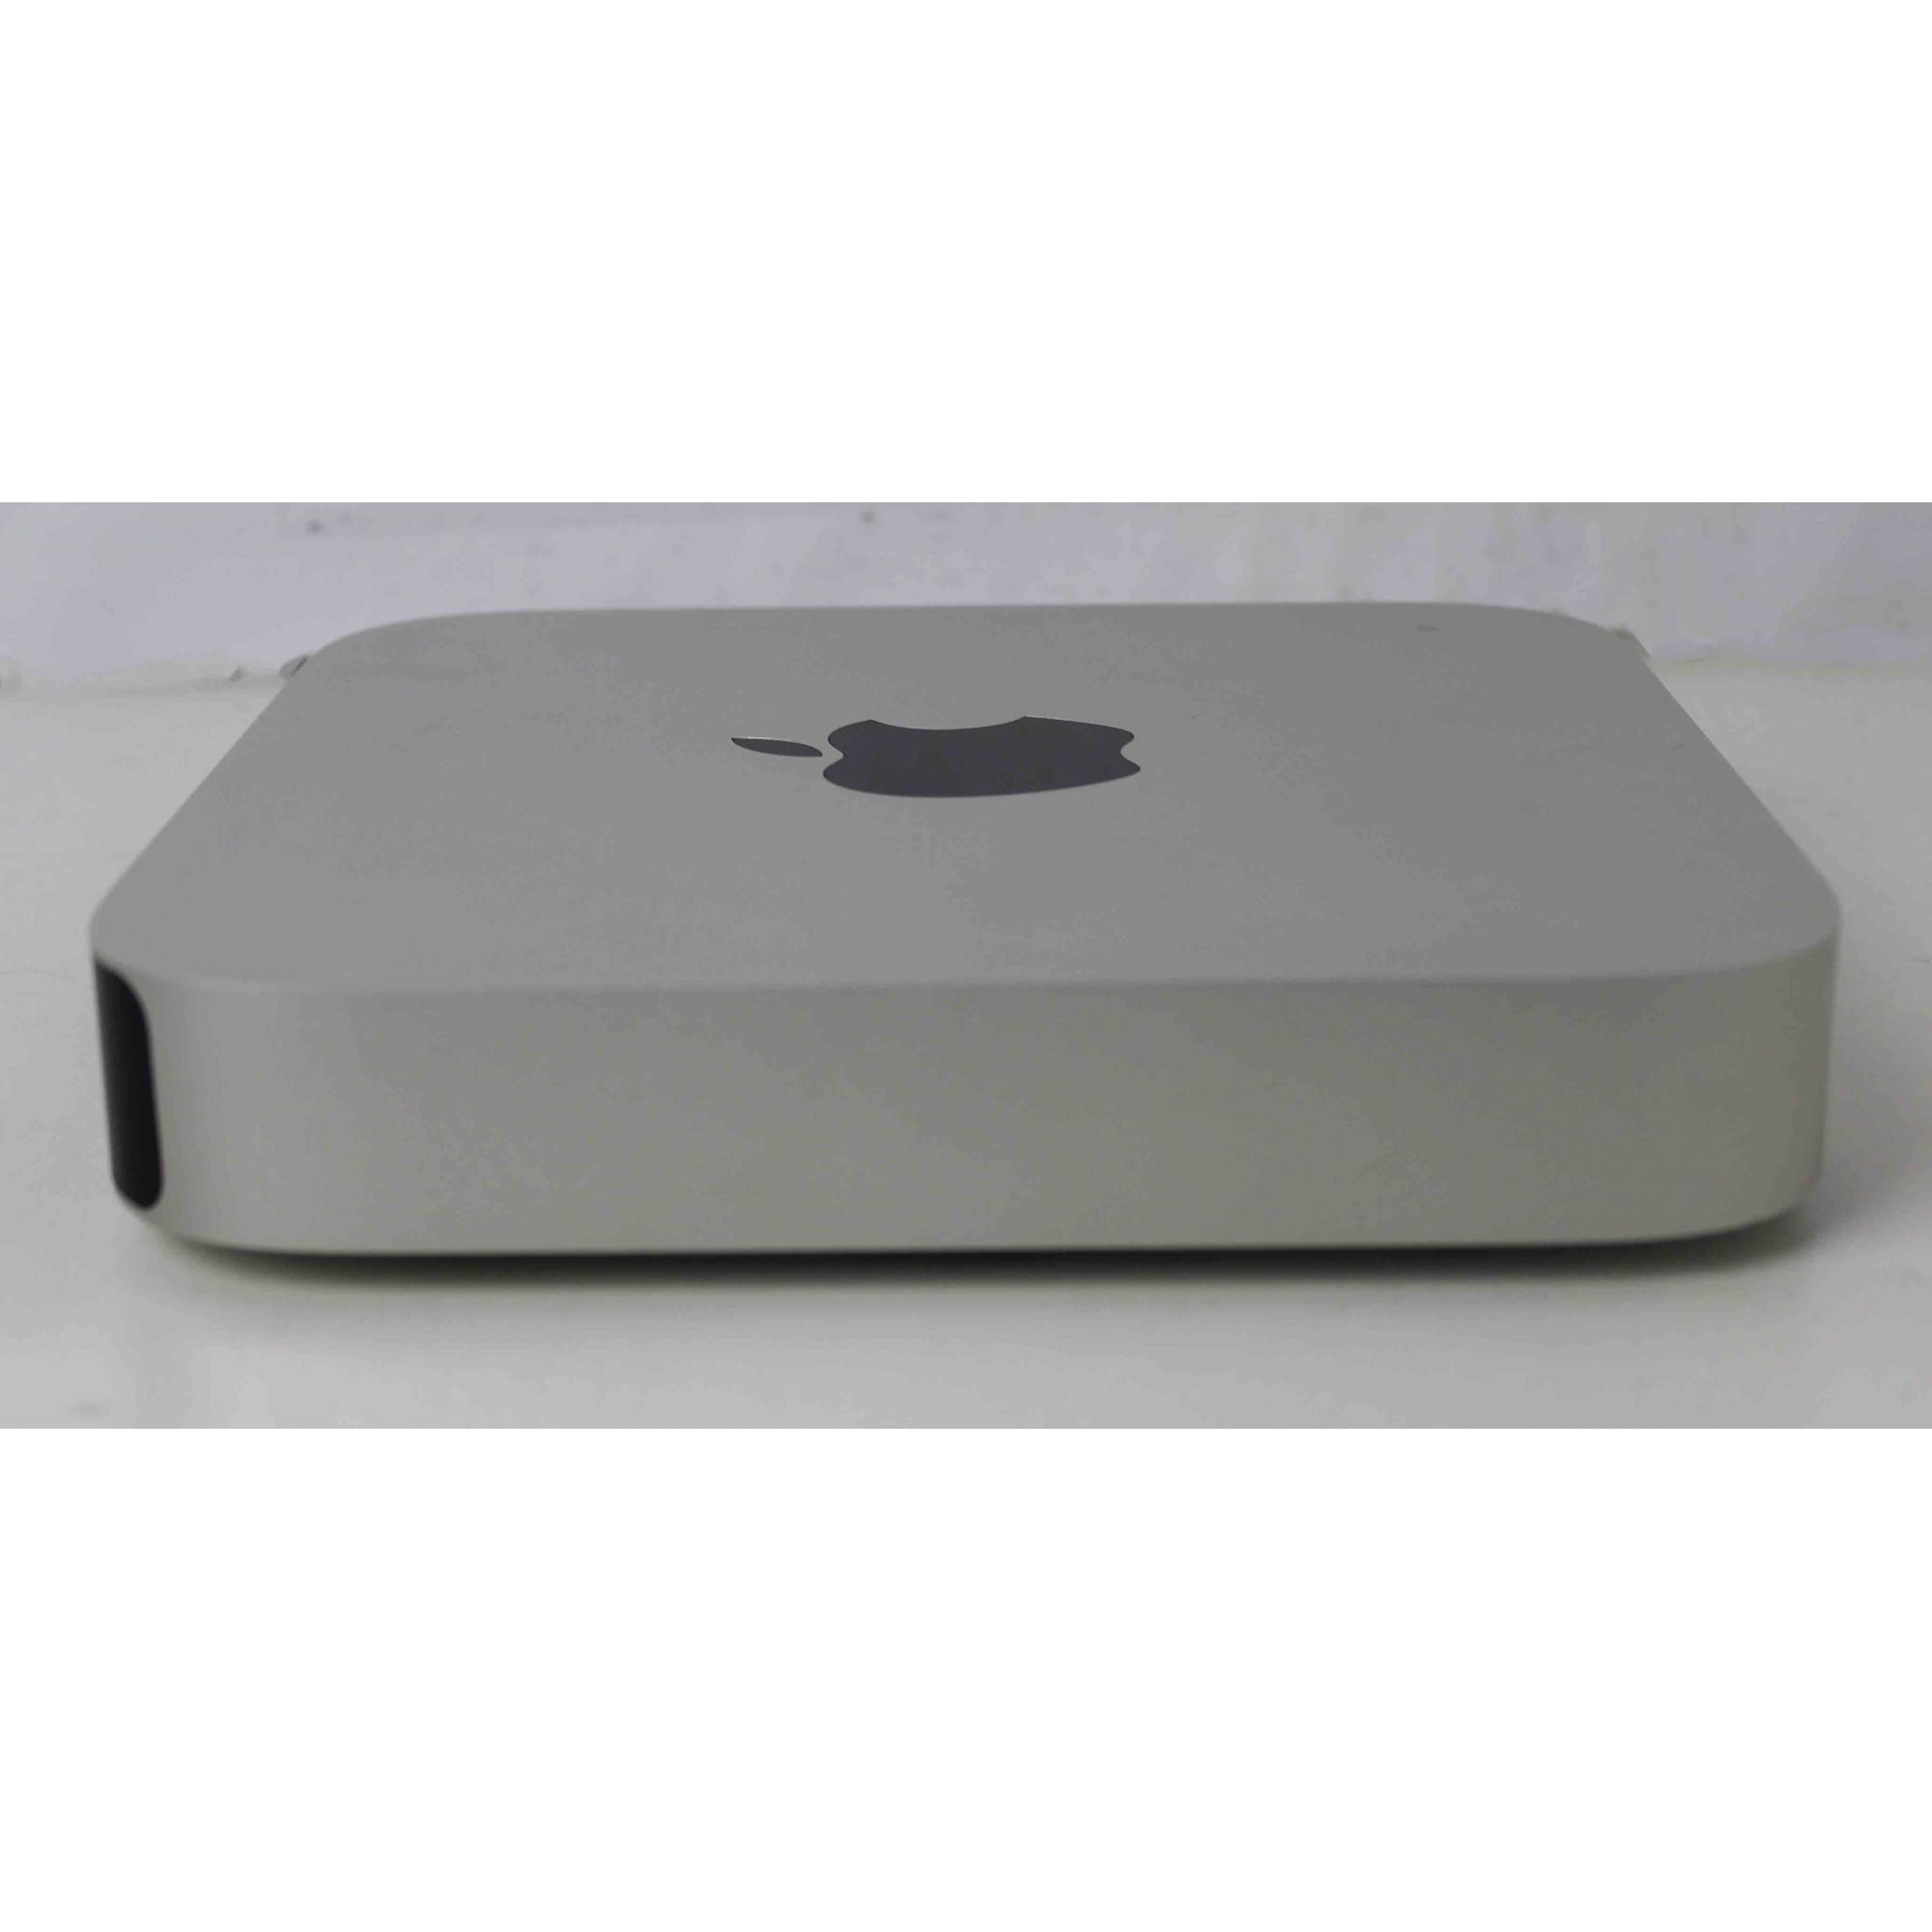 MAC MINI MGEN2J/A - A1347 Intel Core I5 2.6GHz 8GB HD-1TB